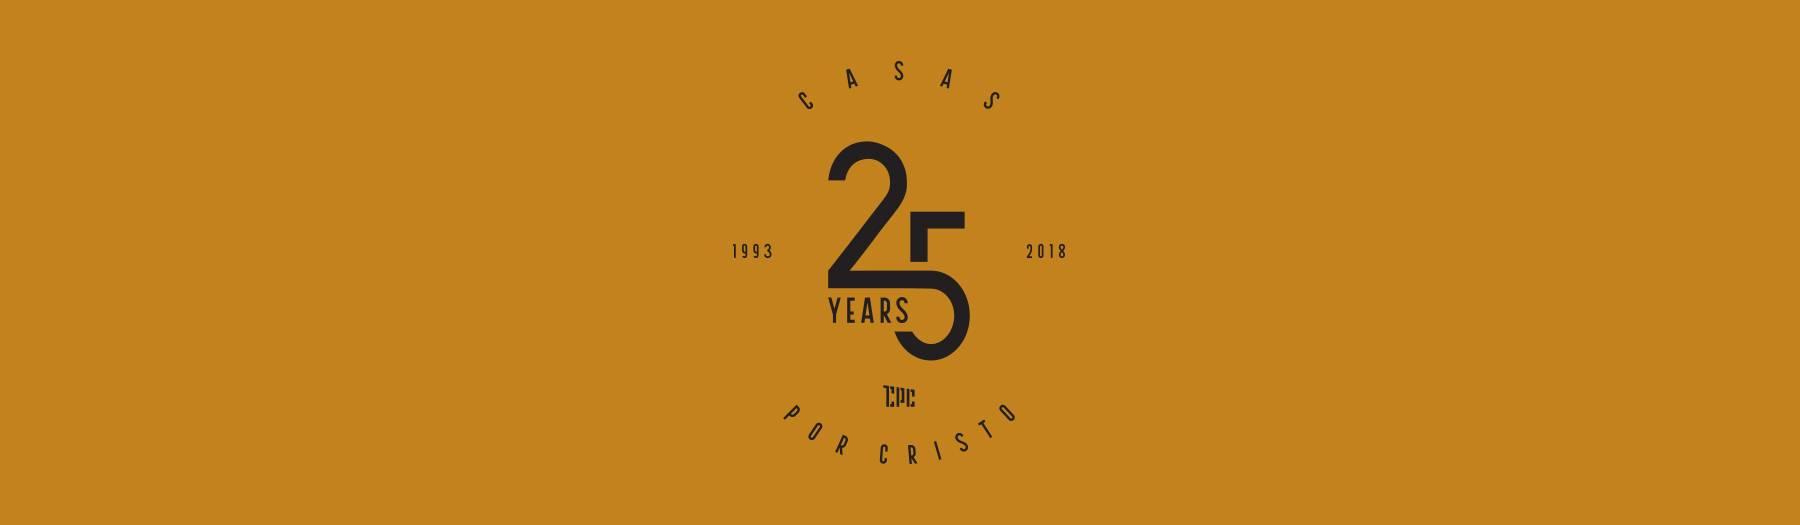 25 years casas por cristo mission trips